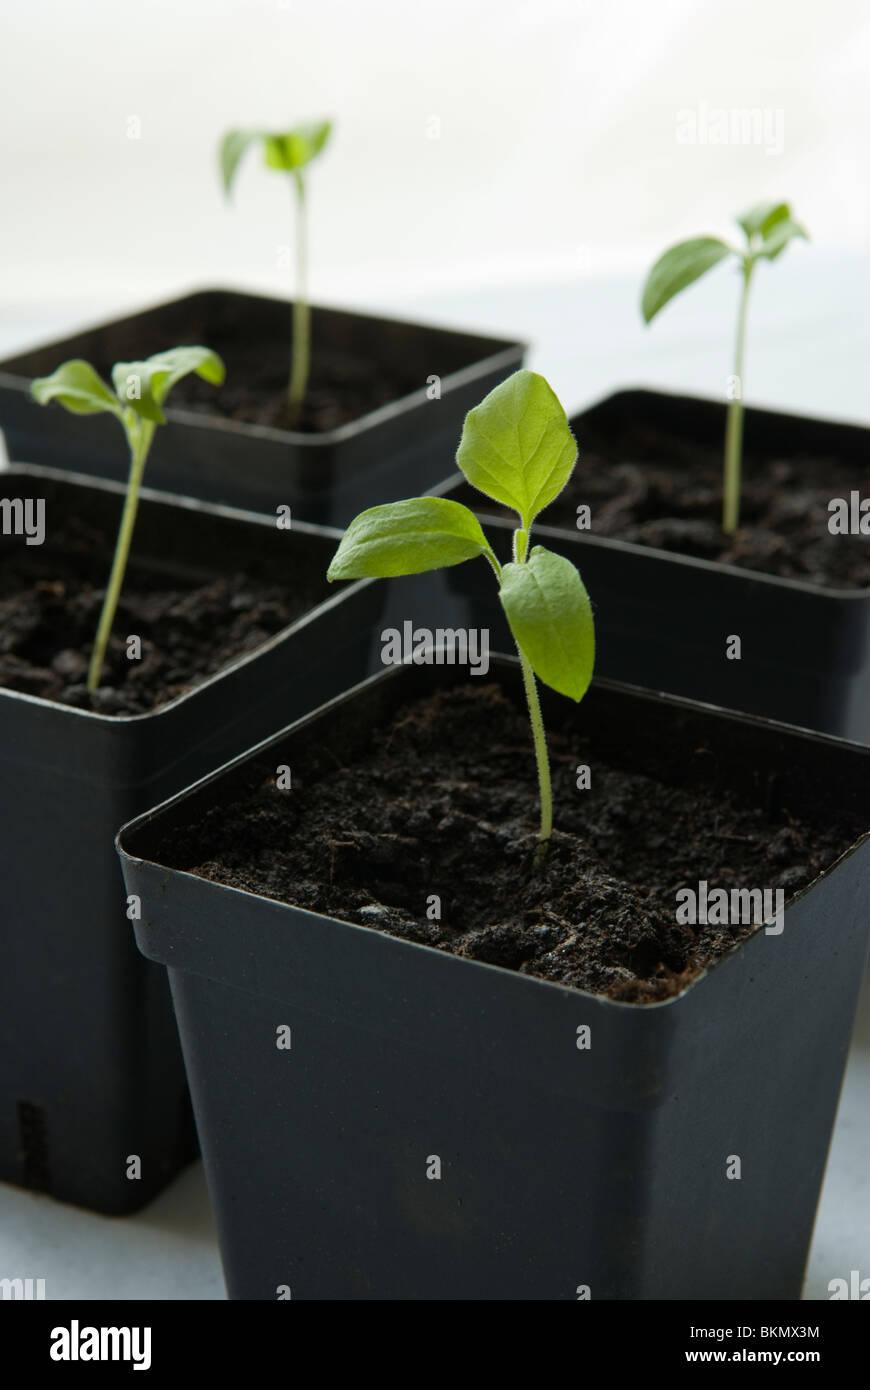 Seedlings of Aubergine / Eggplant 'Diamond'. - Stock Image